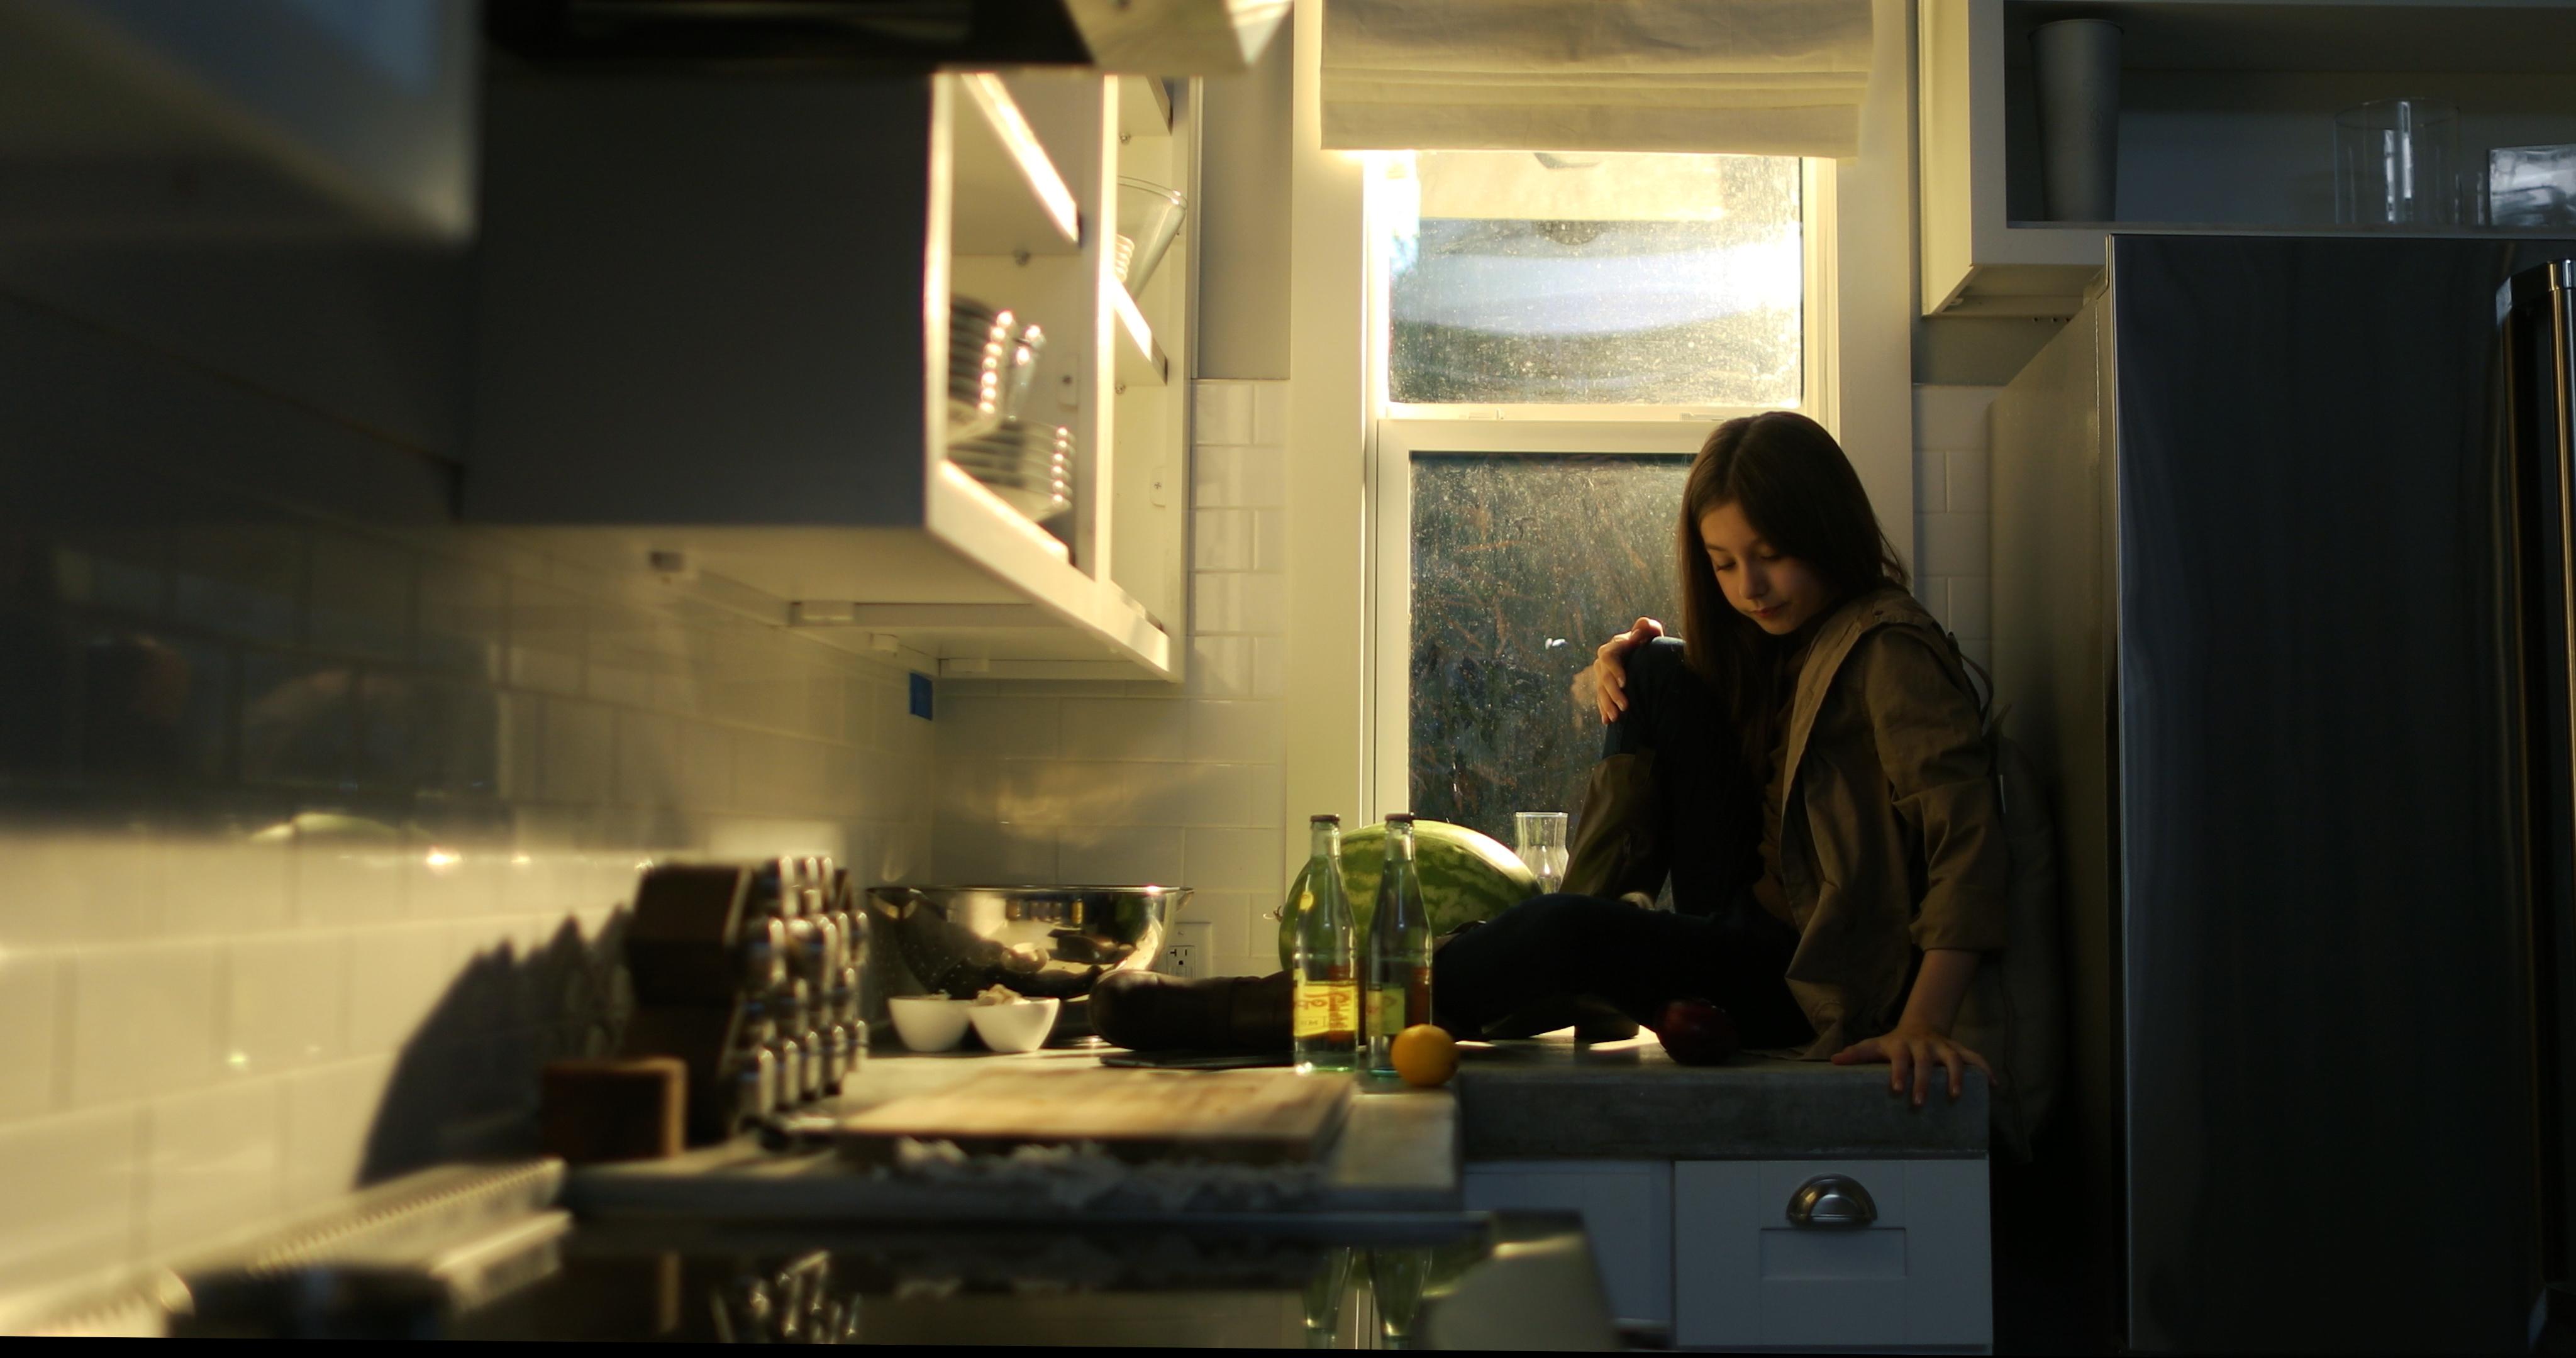 alexis kitchen